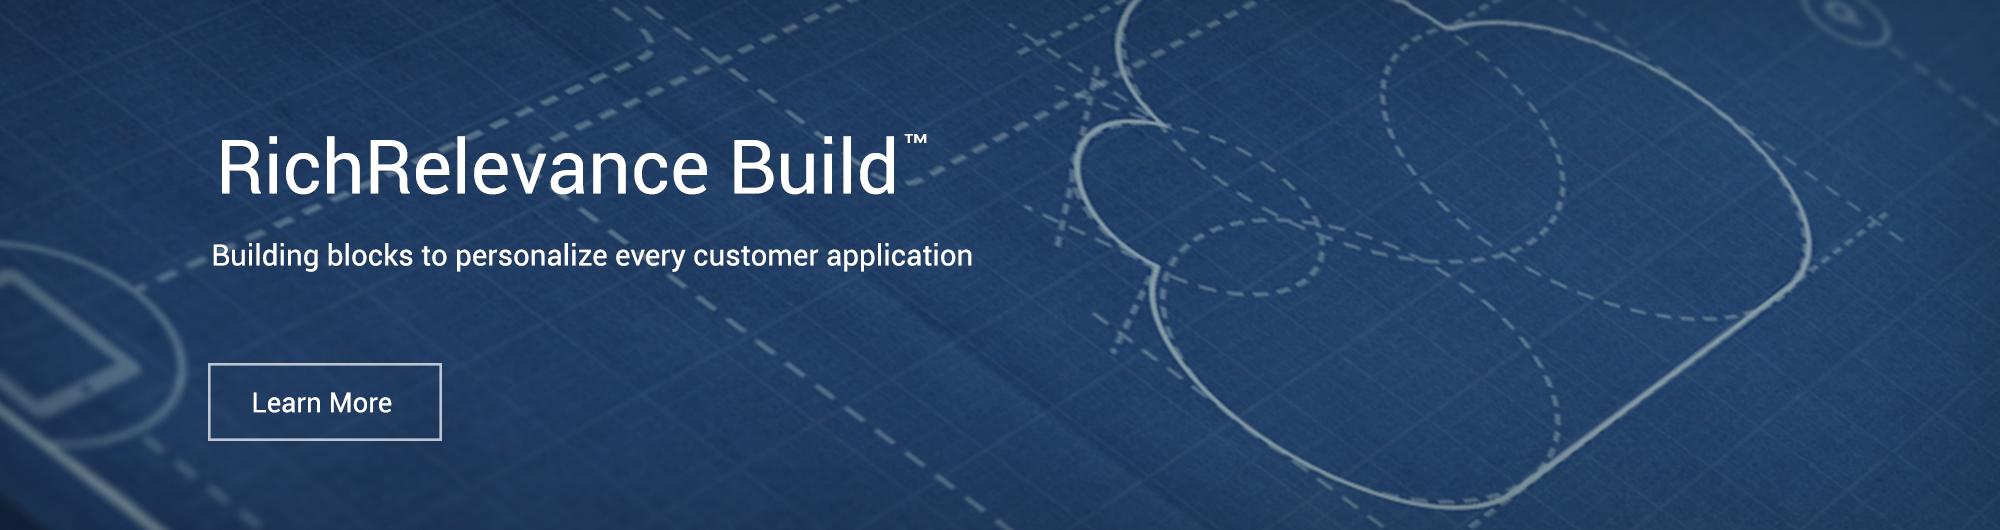 RichRelevance Build